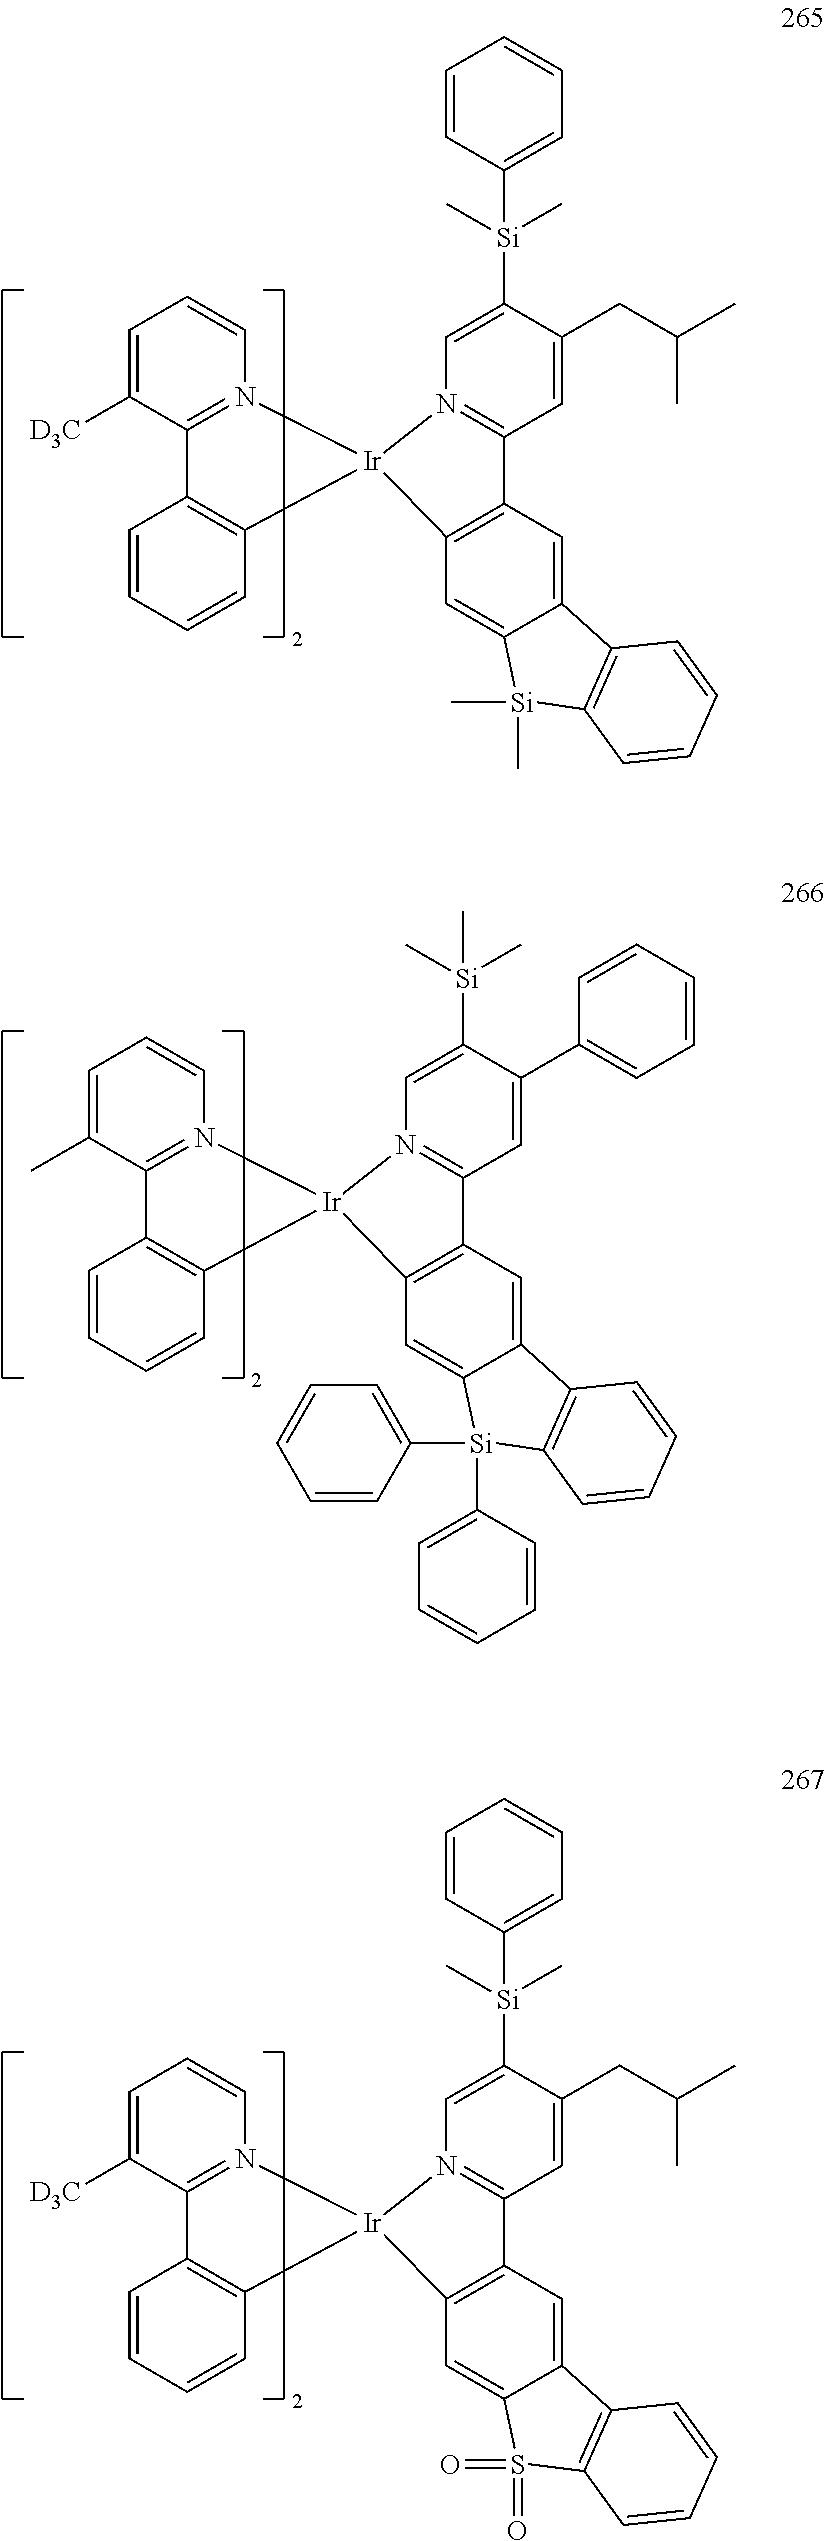 Figure US20160155962A1-20160602-C00404